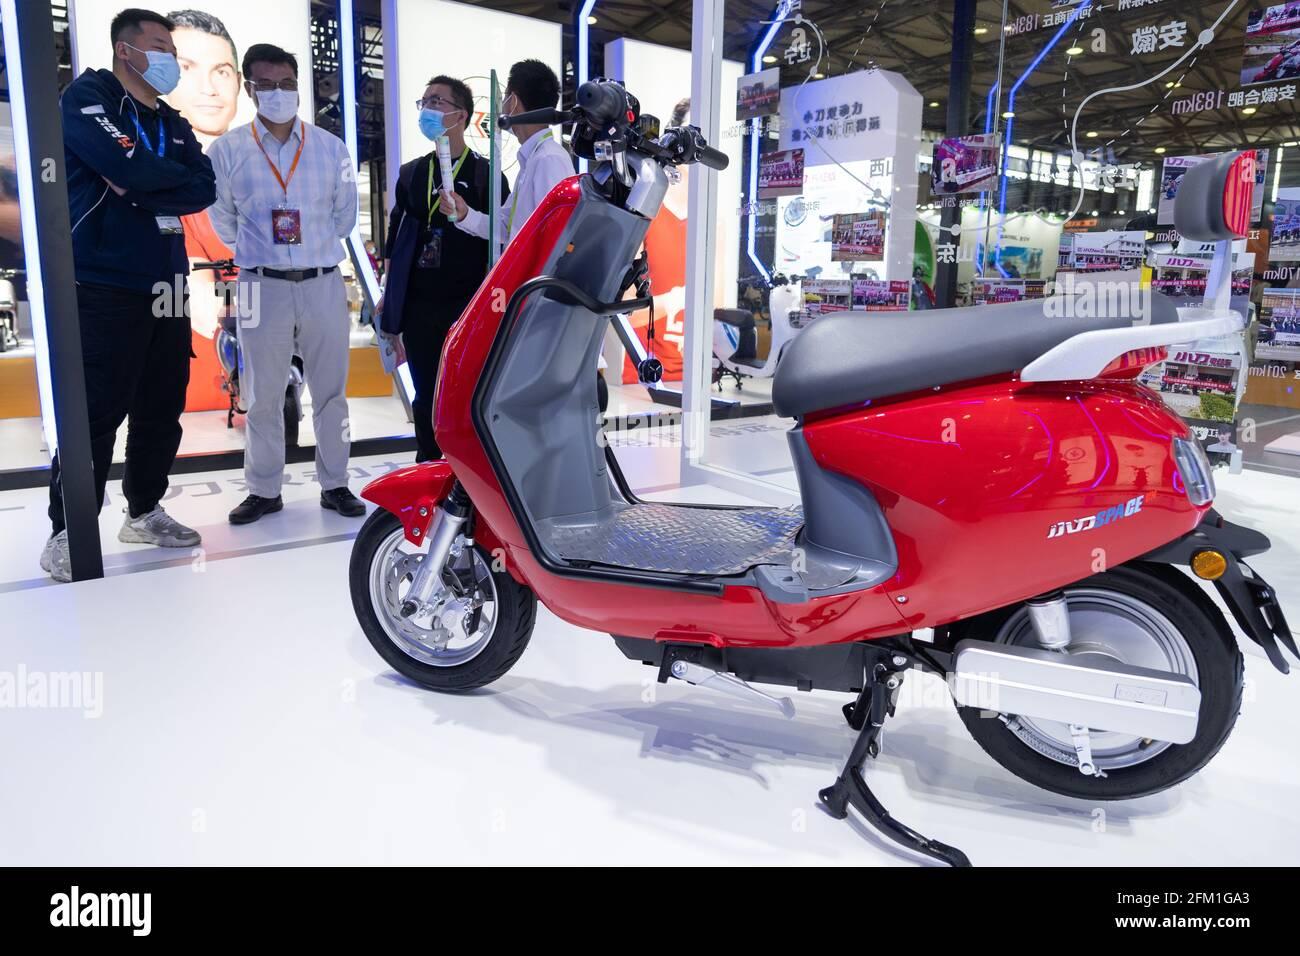 Shanghai. 5 mai 2021. Le personnel présente un vélo électrique lors de la 30e China International Bicycle Fair à Shanghai, en Chine orientale, le 5 mai 2021. L'événement de quatre jours a débuté mercredi, attirant plus de 1,000 entreprises à y participer. Credit: CAI Yang/Xinhua/Alay Live News Banque D'Images